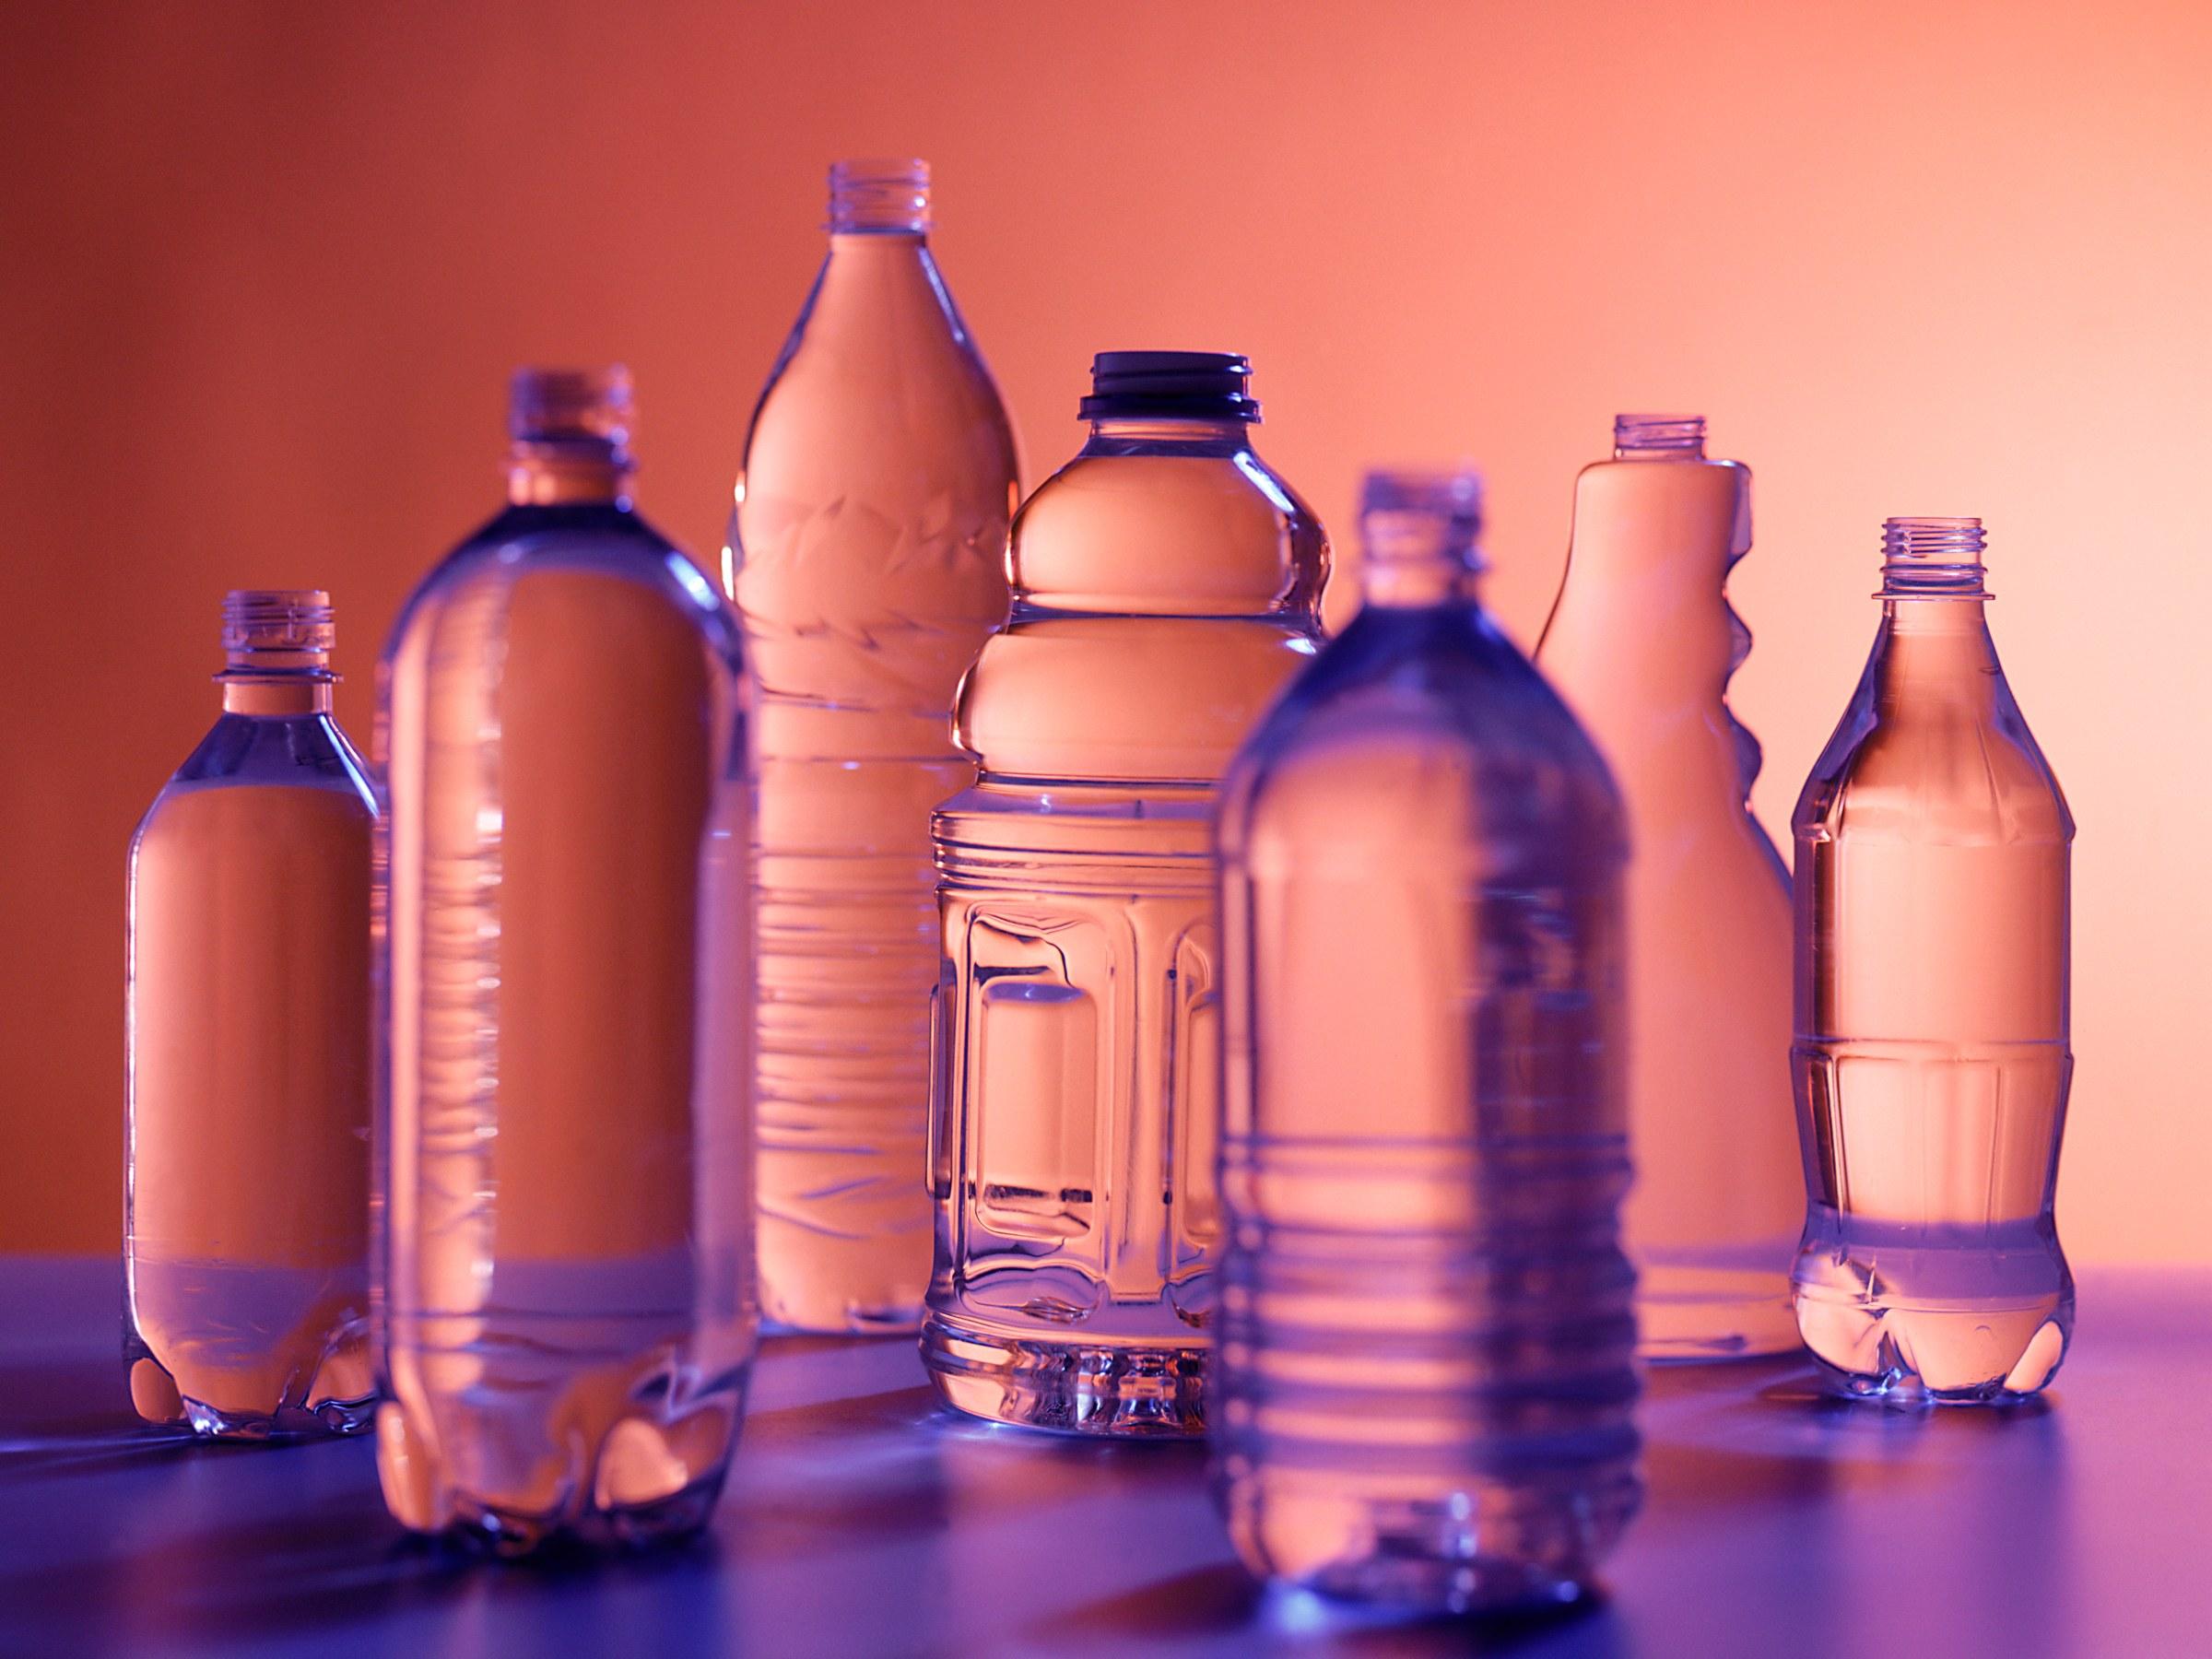 Jóváhagyta a műanyaghulladék mennyiségének visszaszorítását célzó szigorúbb szabályokat szerdán az Európai Parlament 2021-től